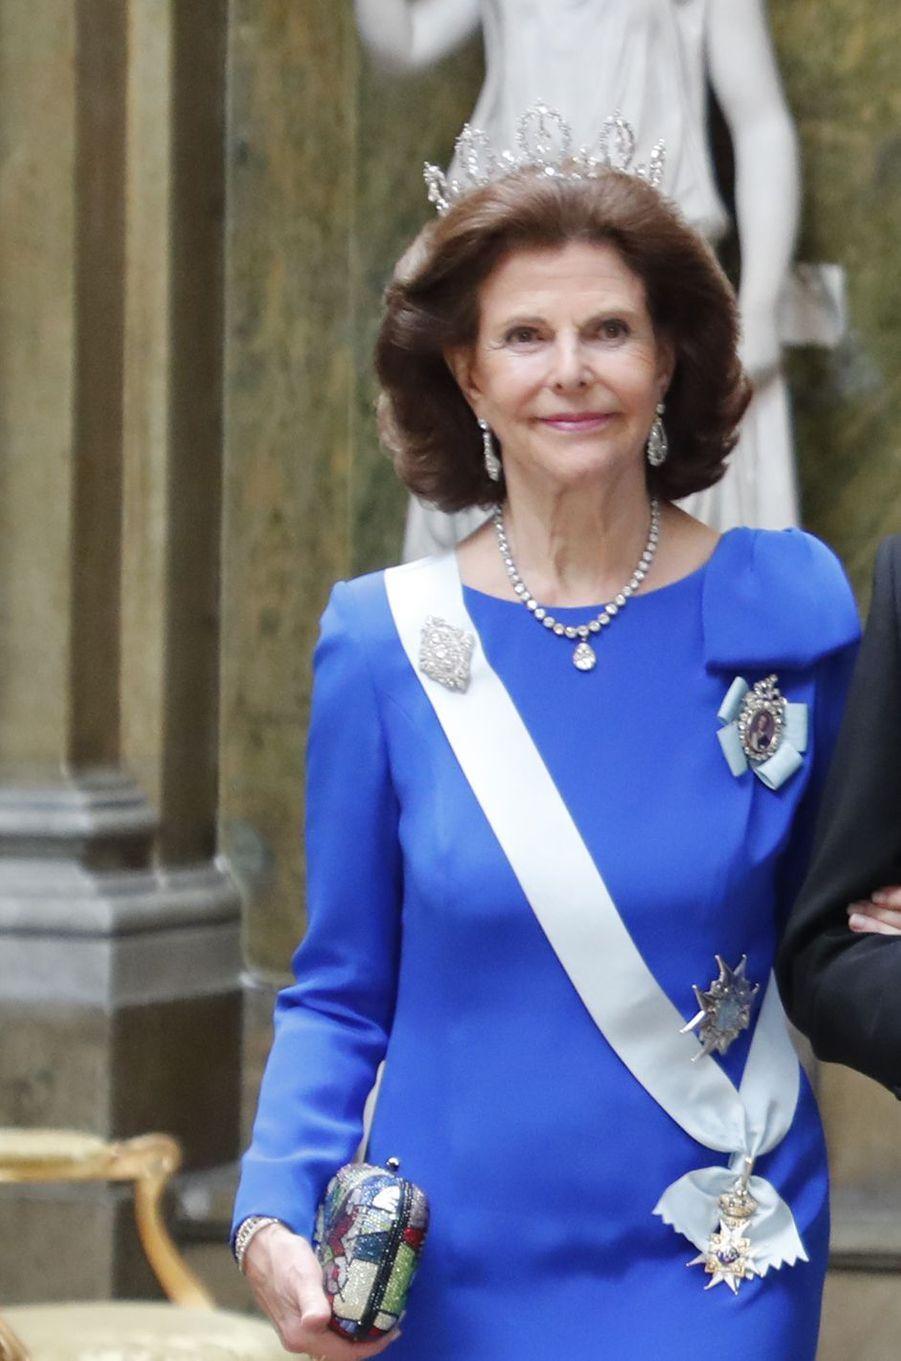 La reine Silvia de Suède à Stockholm, le 11 décembre 2019